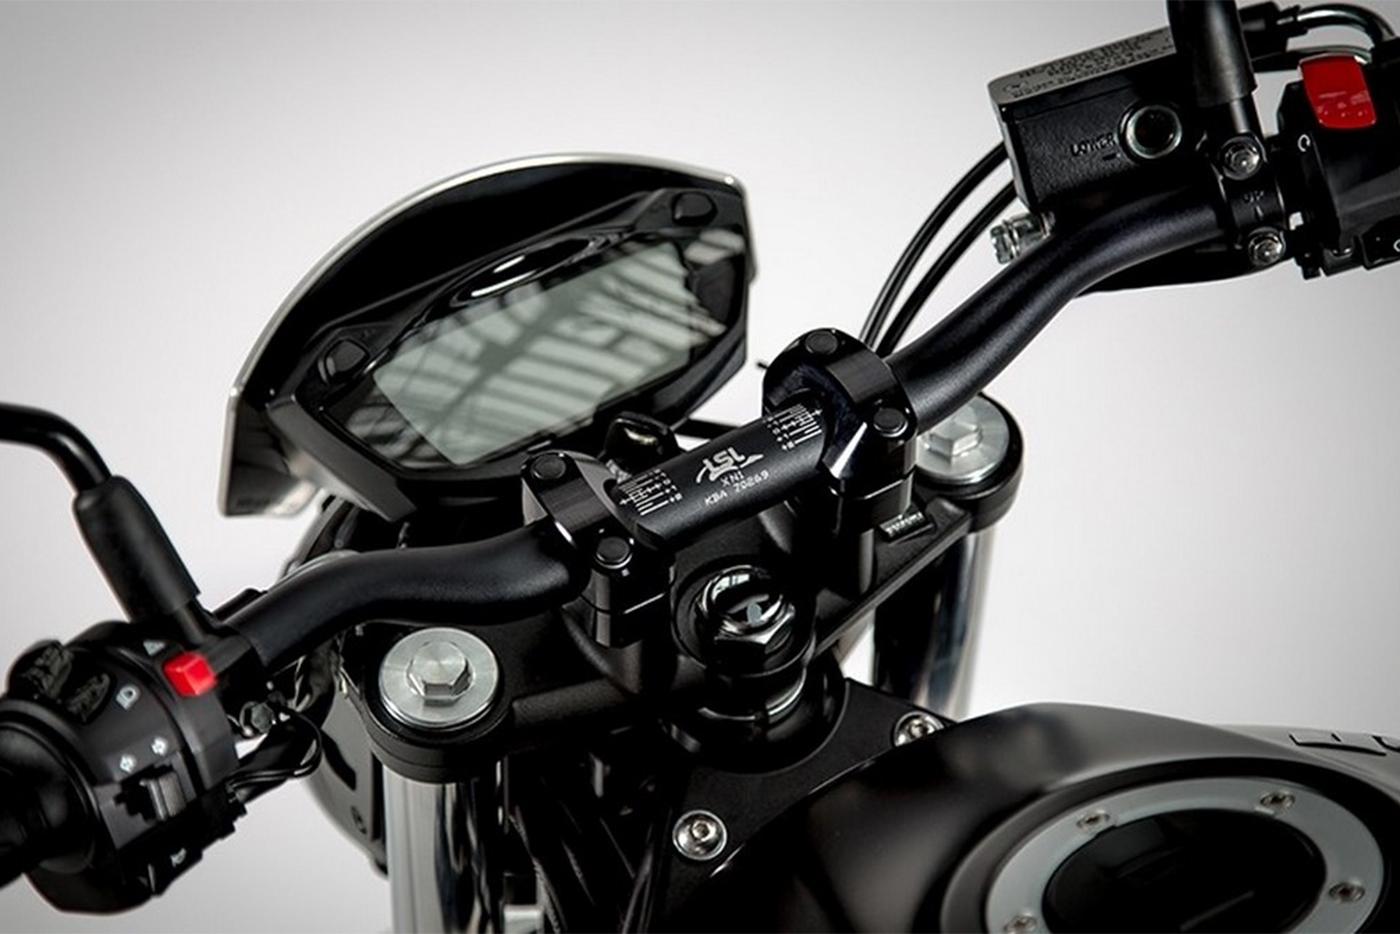 suzuki-sv650-scrambler-chain-guard-7.jpg